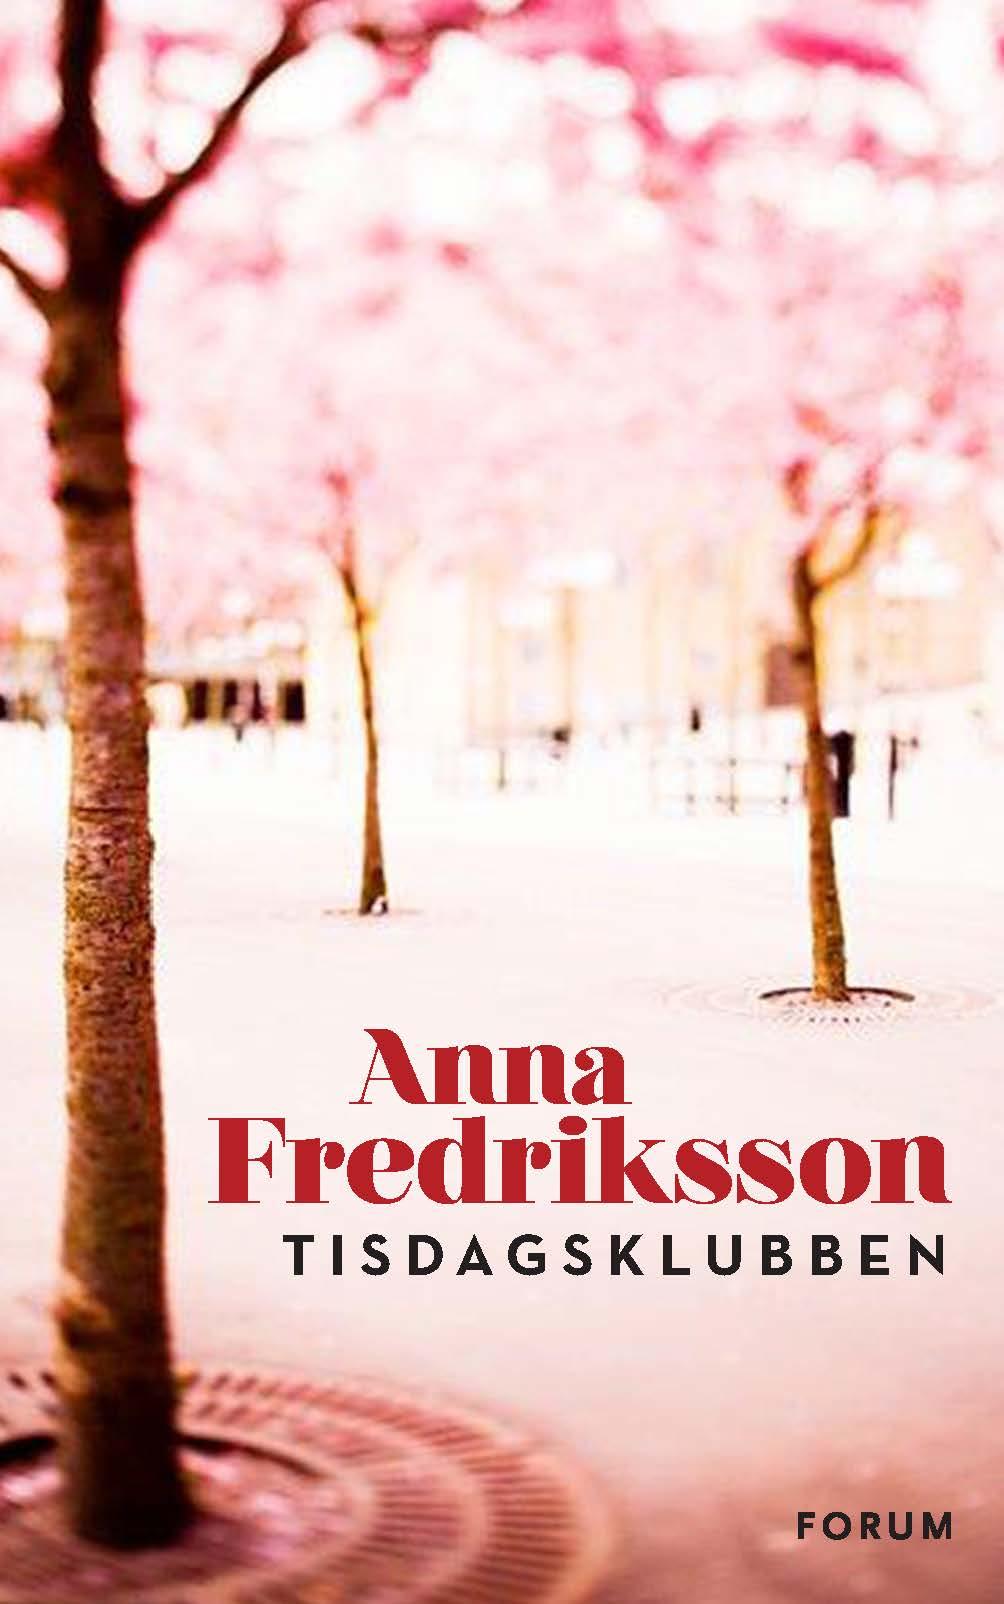 Forum_Tisdagsklubben_150127[3]